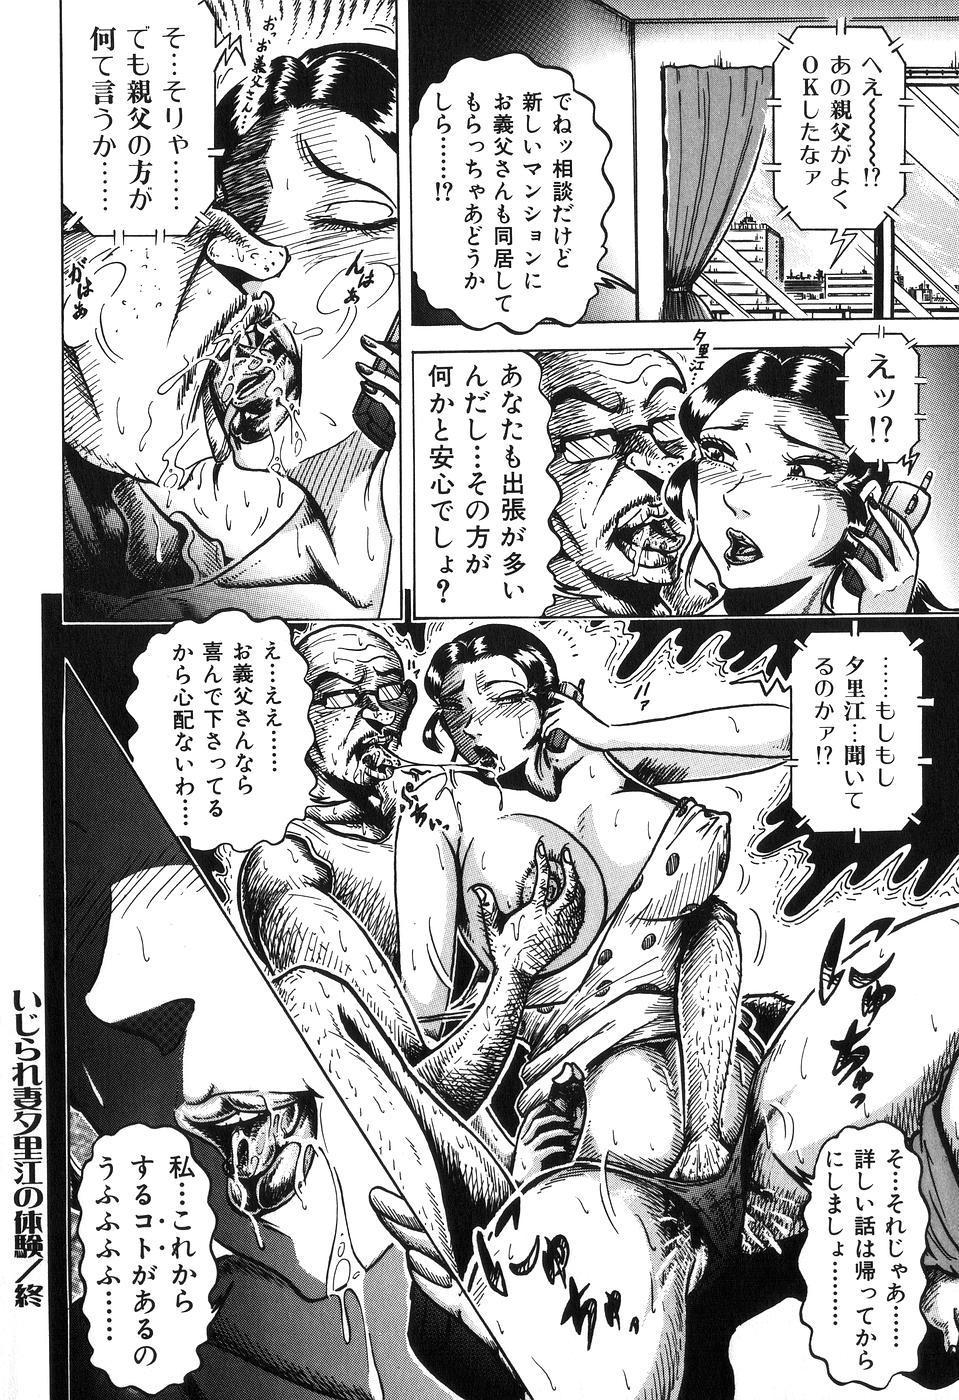 Jukubo Soukan Yosoji no Tawamure 20